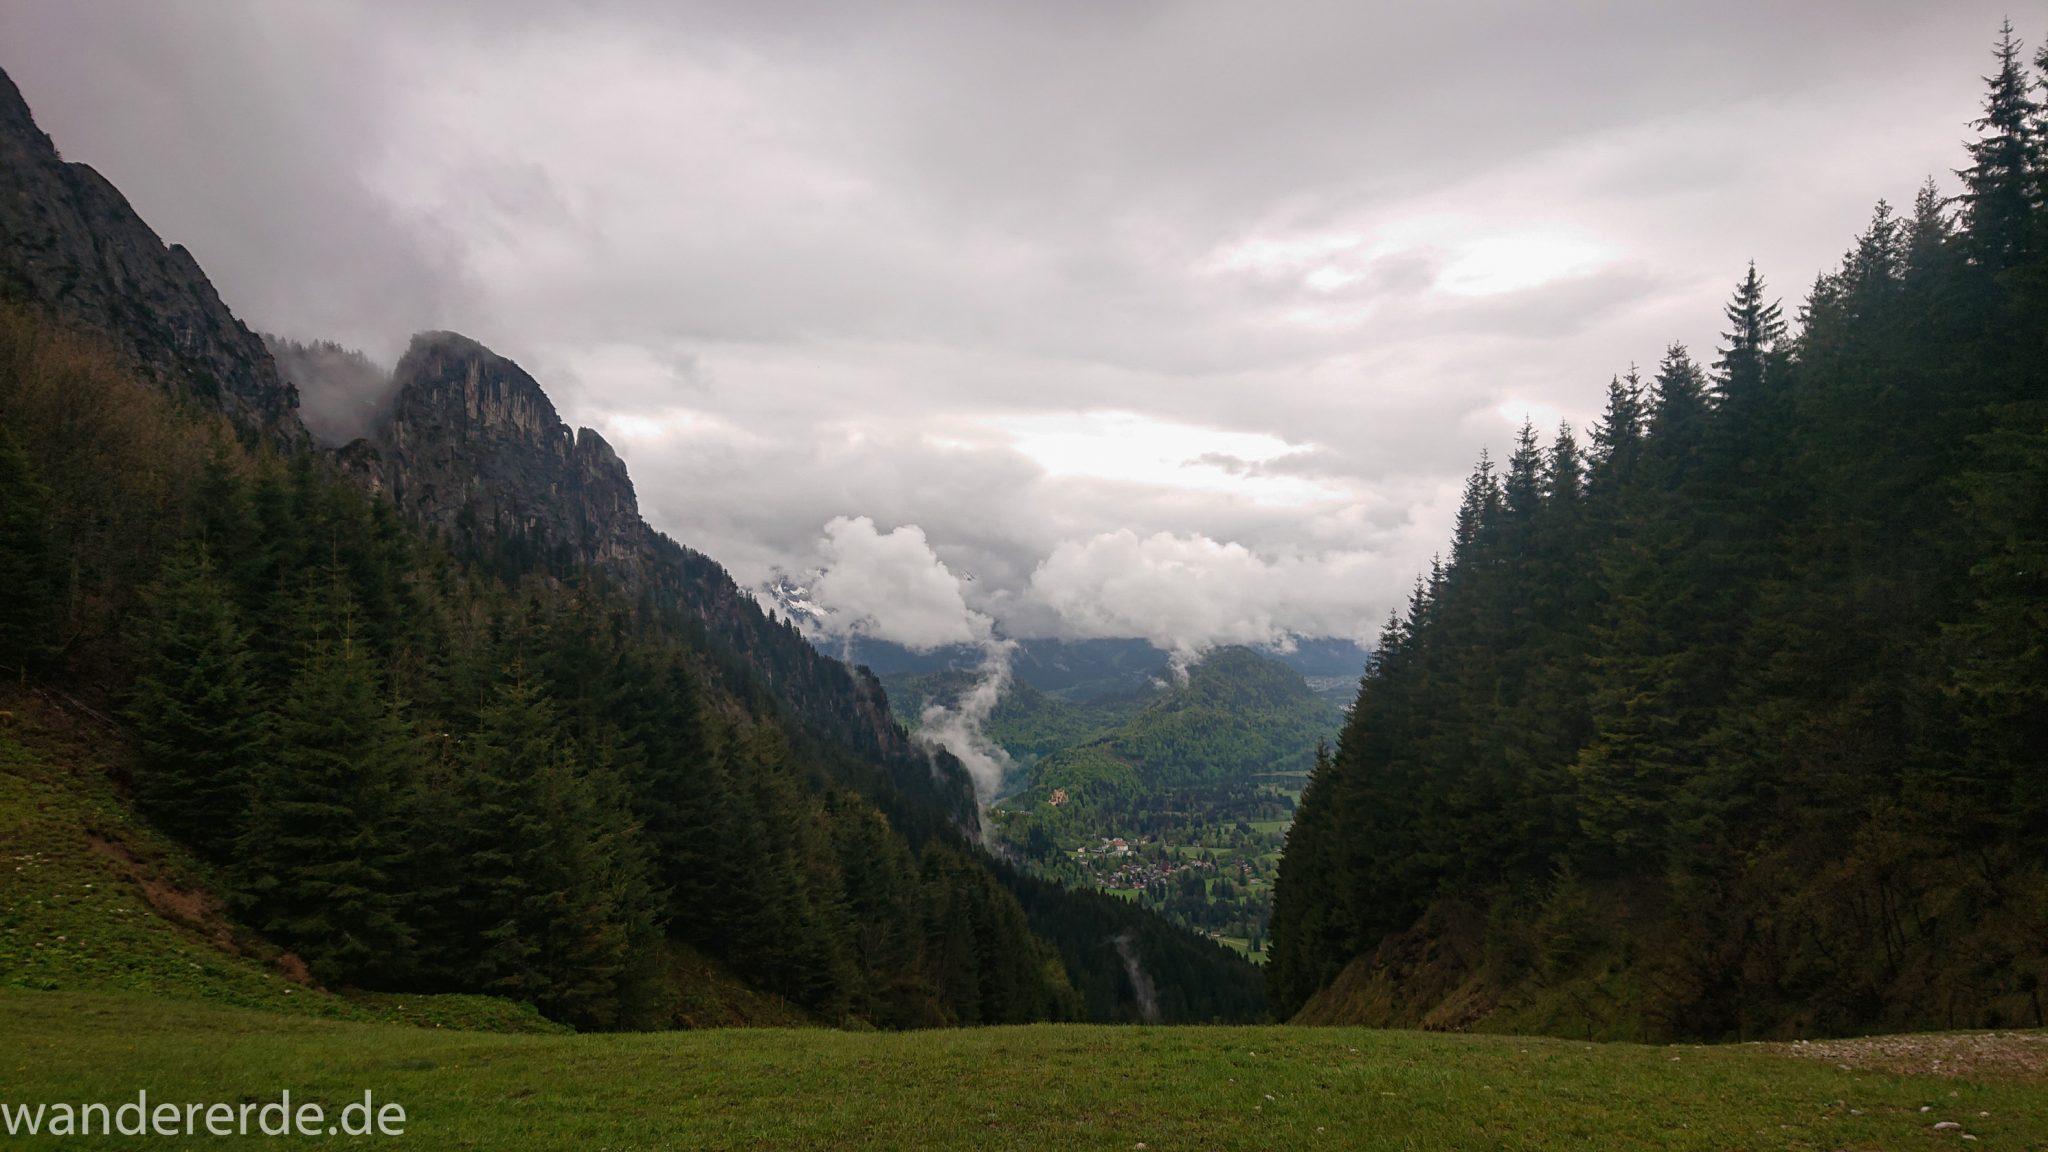 Wandern beim Tegelberg, Tegelbergkopf Wanderung bei Stadt Füssen – Parkplatz Drehhütte bis Rohrkopfhütte, toller Wanderweg, schöner und dichten Wald, wolkig, tolle Atmosphäre, saftig grüne Wiese, Berge und weite Aussicht